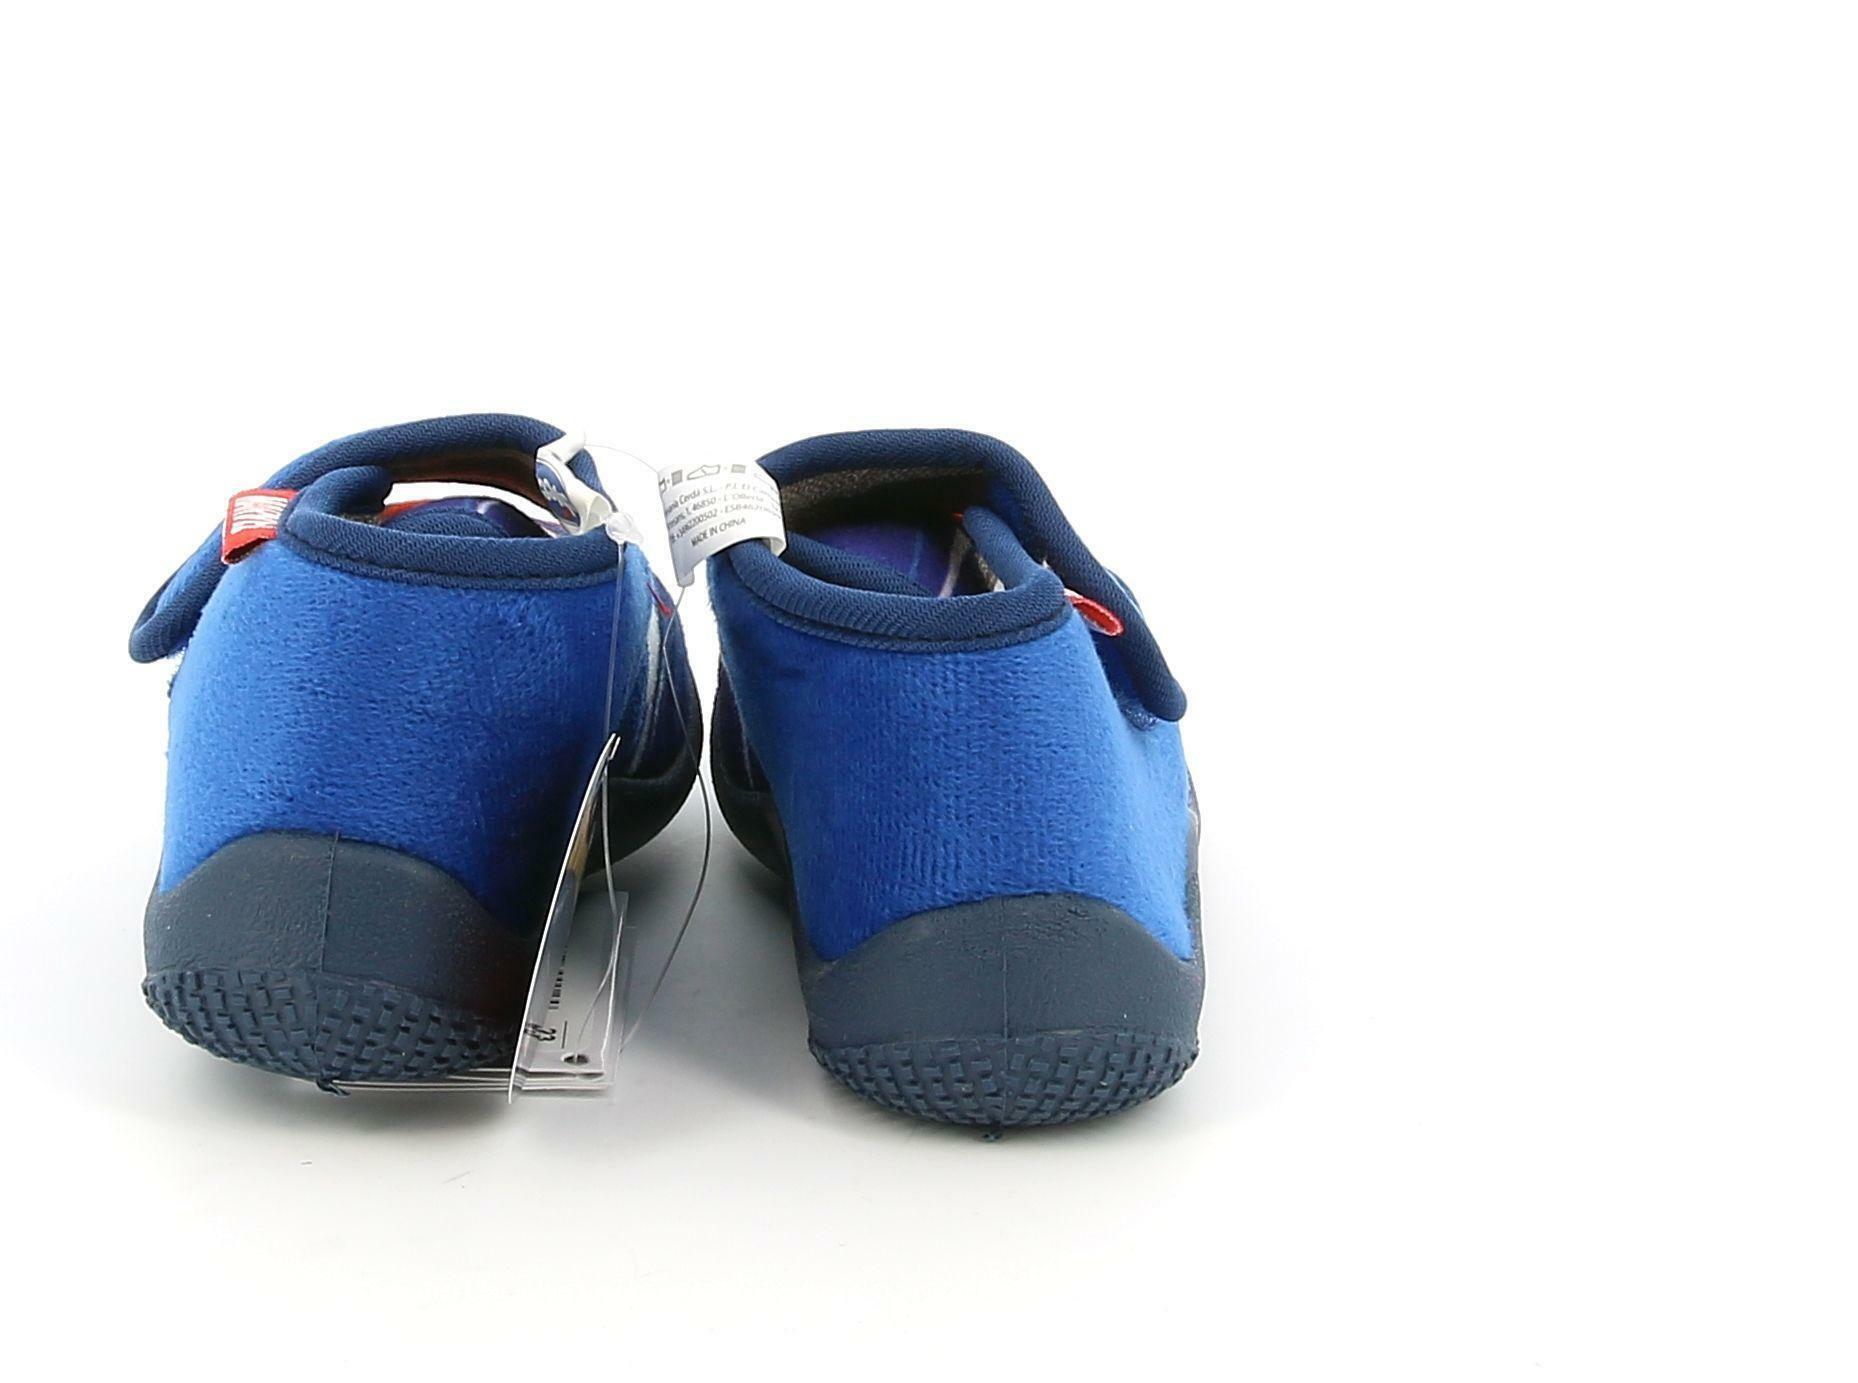 chicco chicco scarpa loreto pantofola 64752 blue spider man da bambino blu